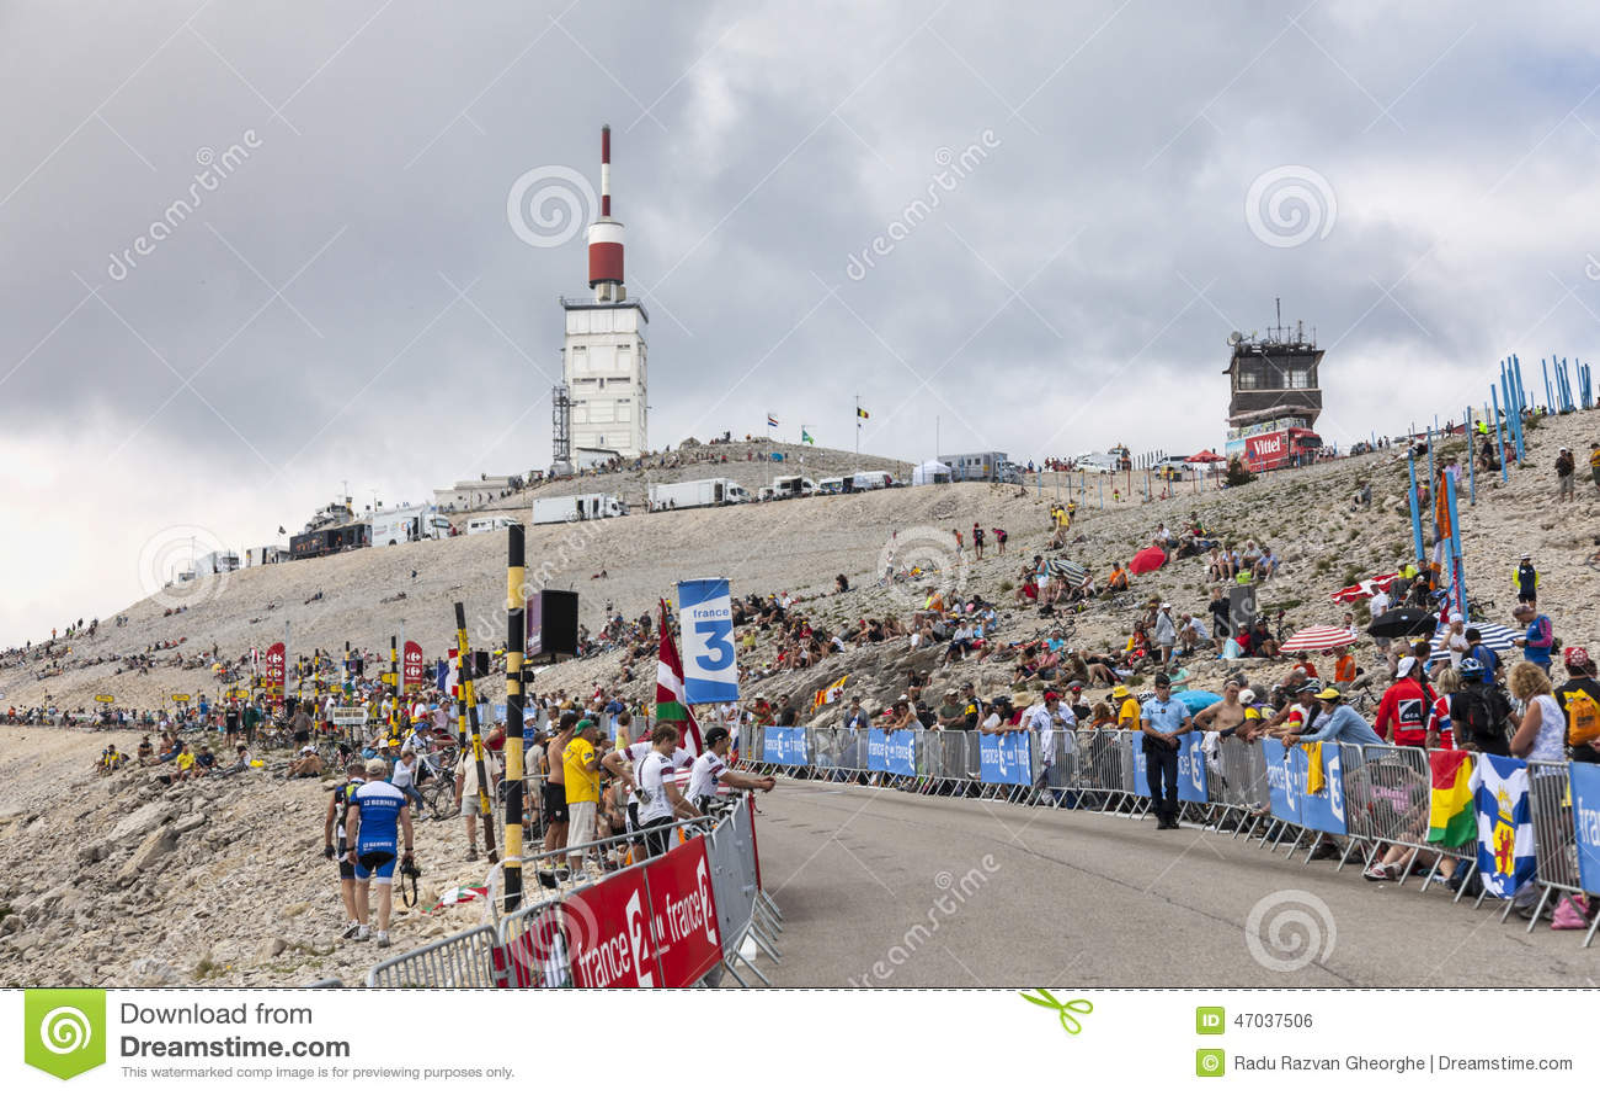 mont ventoux tour de 2013 editorial photo image 47037506